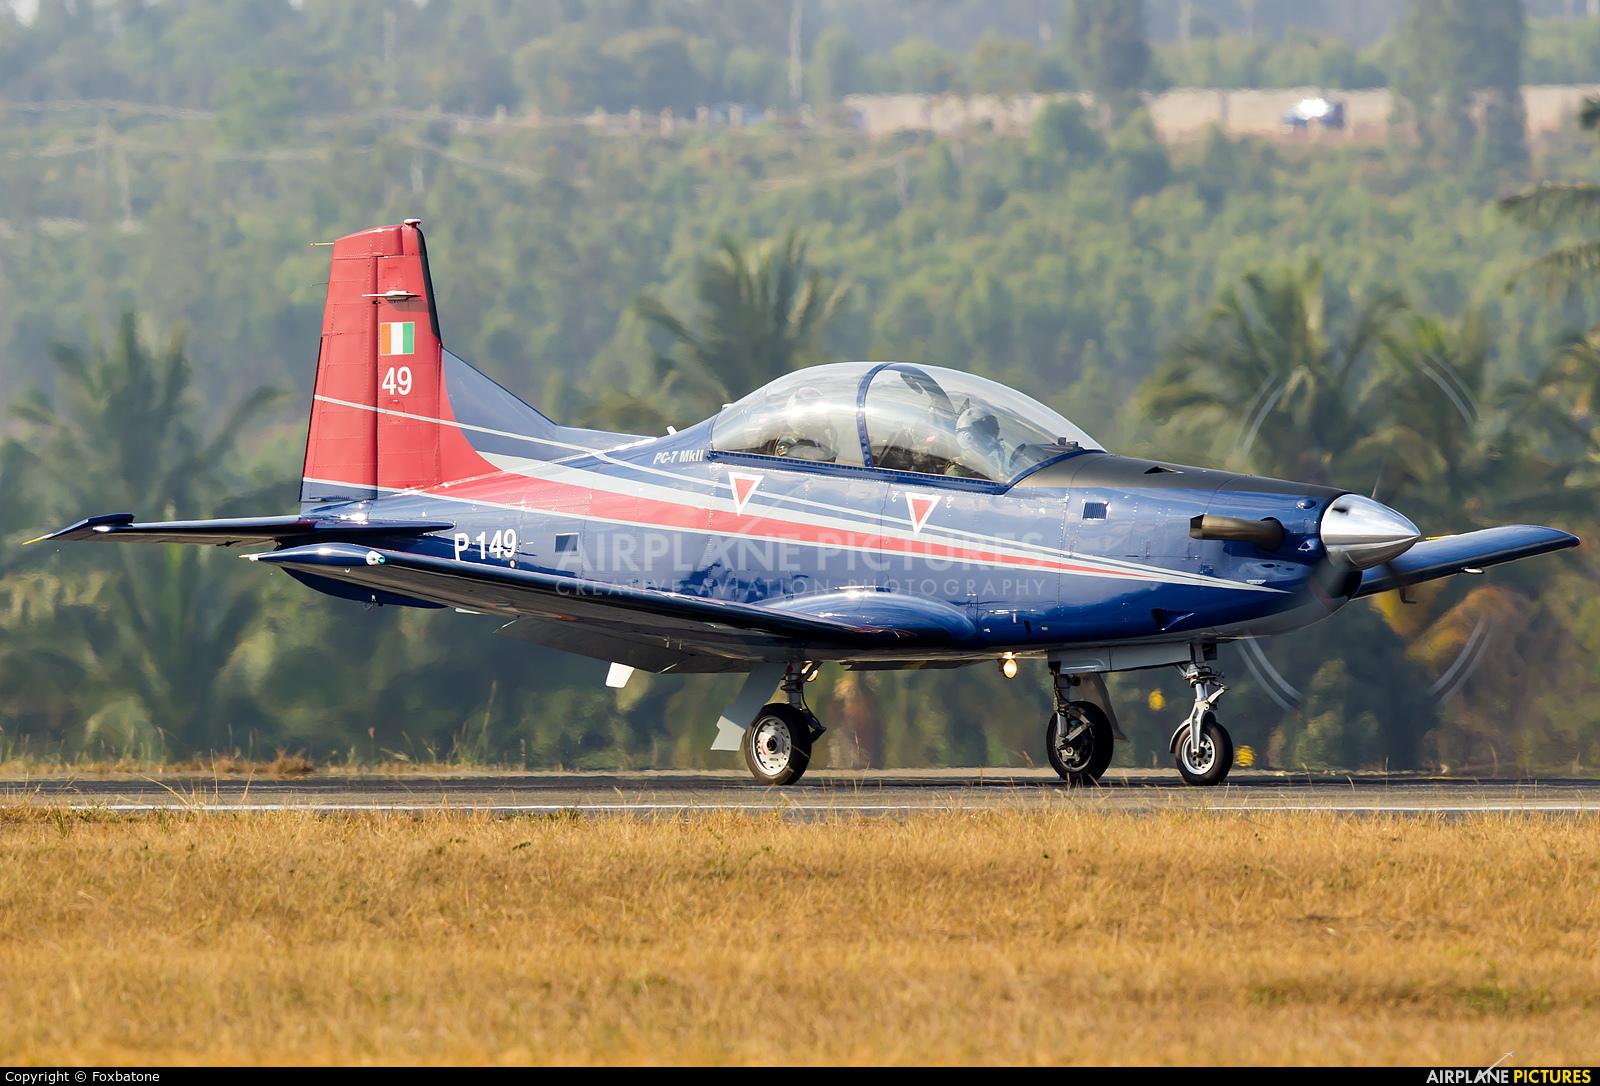 India - Air Force P149 aircraft at Yelahanka AFB